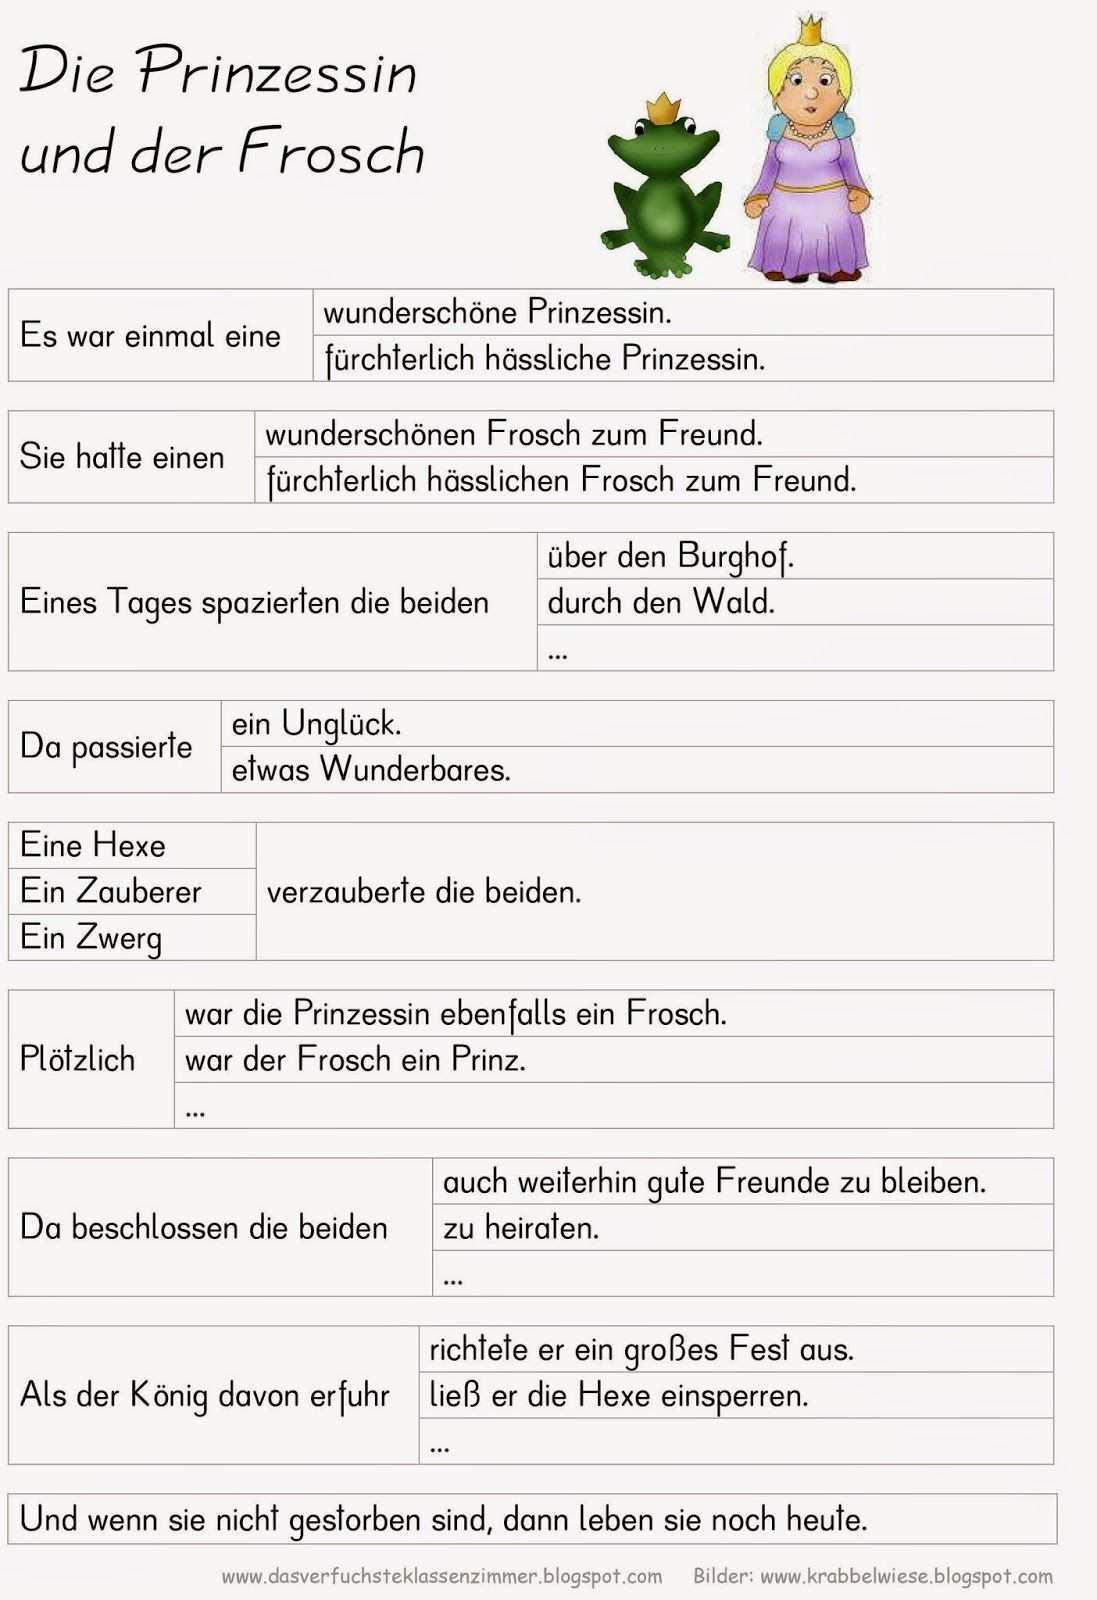 Entscheidungsgeschichte Die Prinzessin Und Der Frosch Marchen Grundschule Deutsch Lernen Bildergeschichten Grundschule